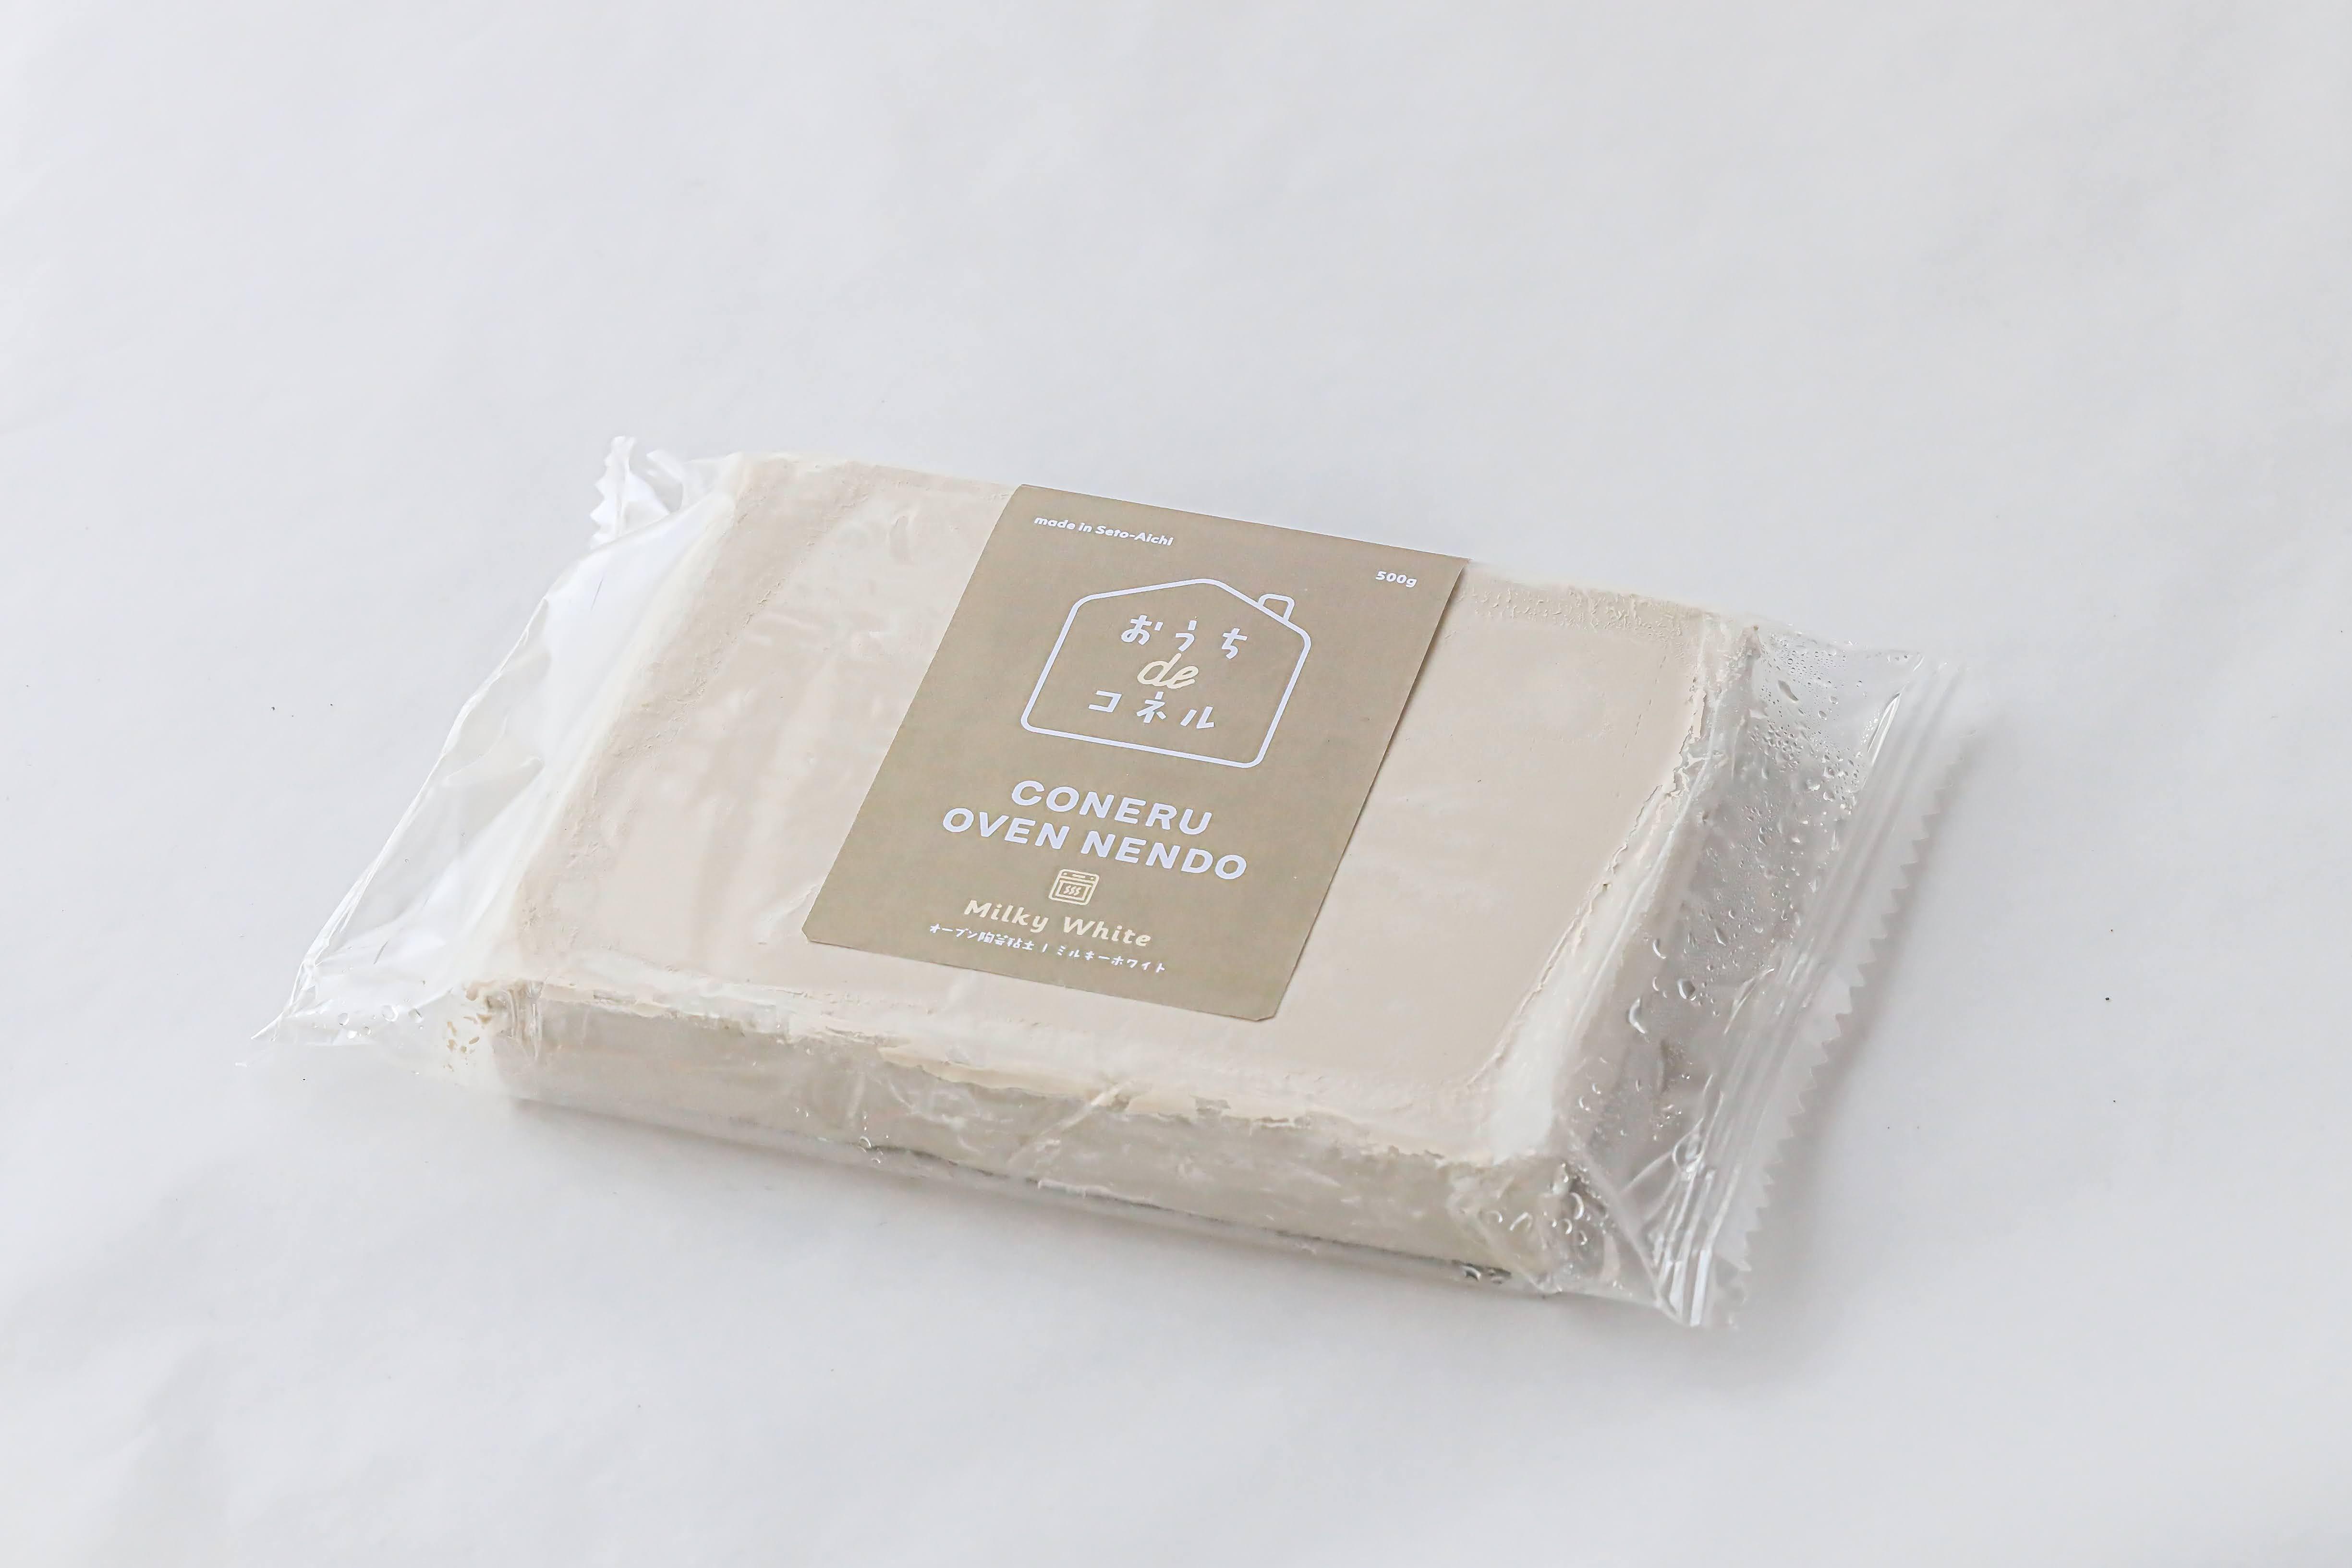 オーブン陶芸粘土『ミルキーホワイト』『きほんのセットD』『全色セット』の再入荷のお知らせ